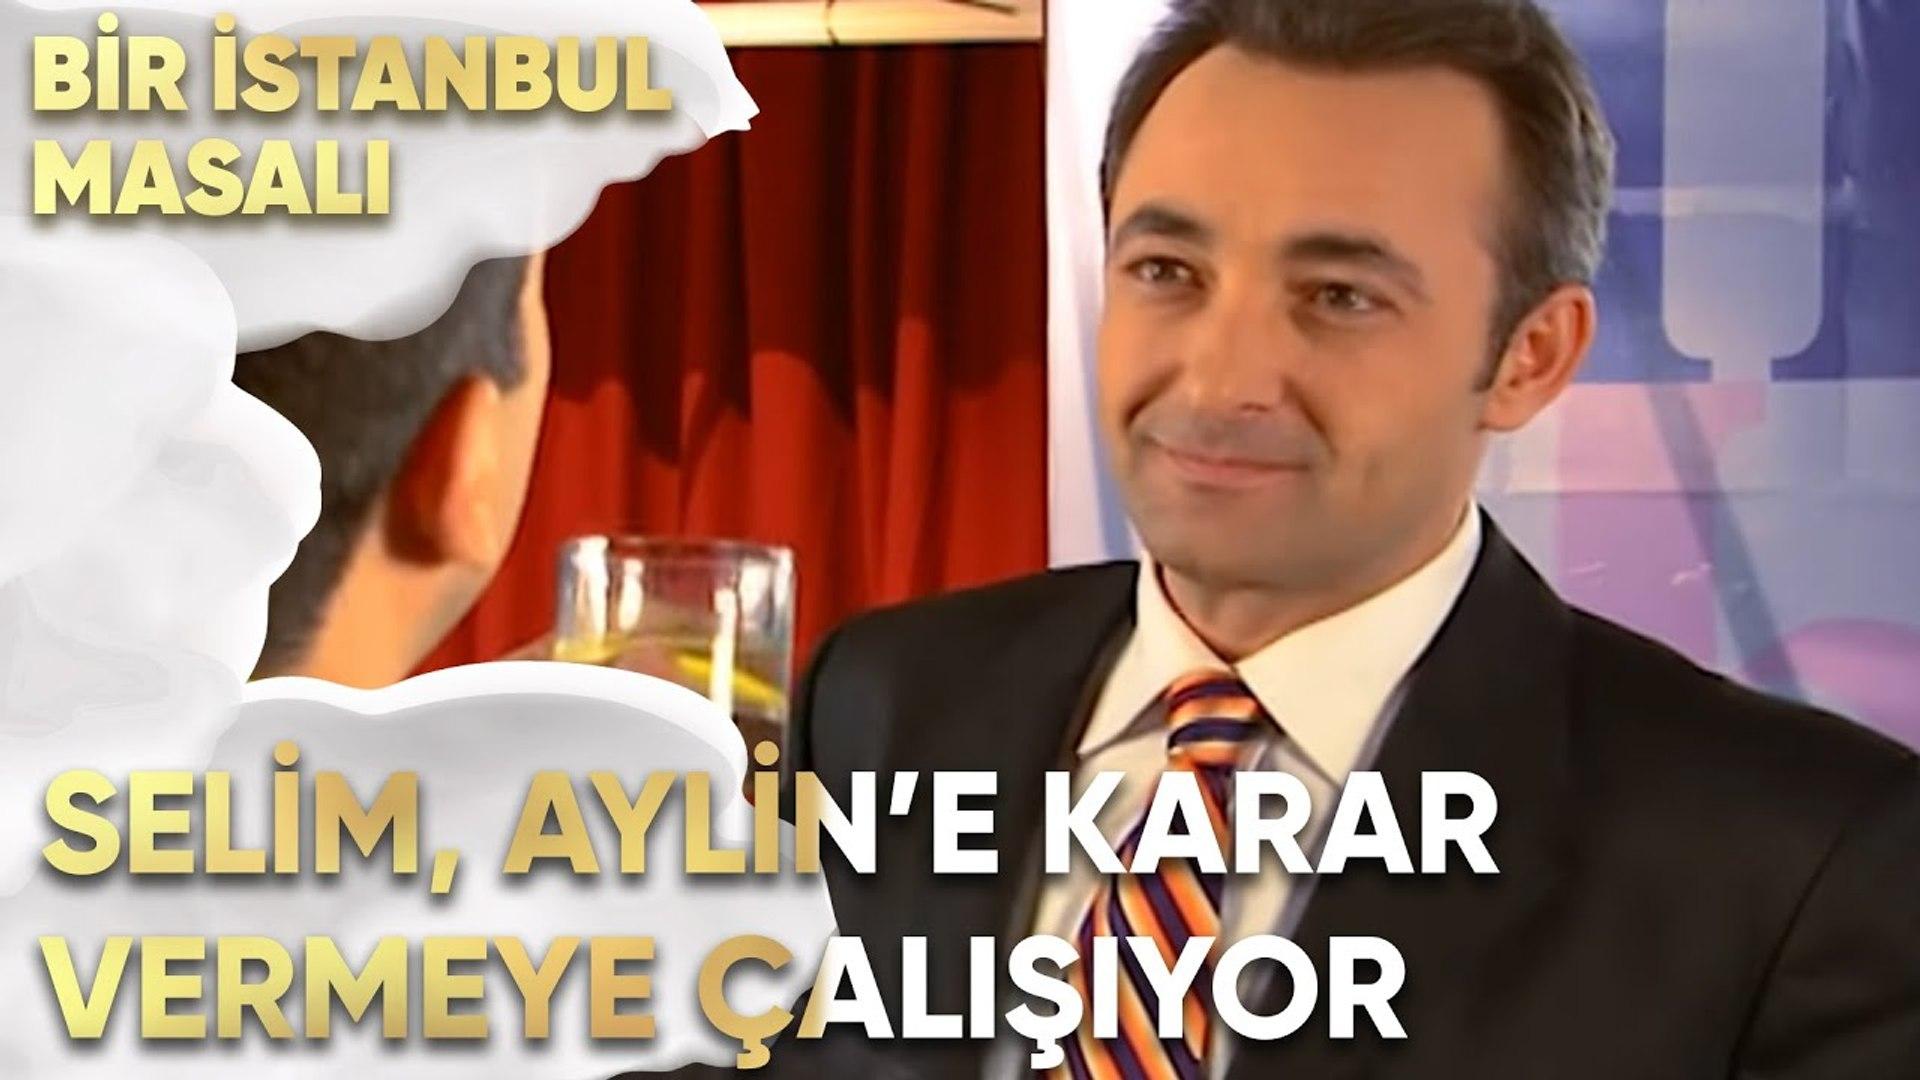 Selim, Aylin Hakkında Karar Vermeye Çalışıyor - Bir İstanbul Masalı 18. Bölüm